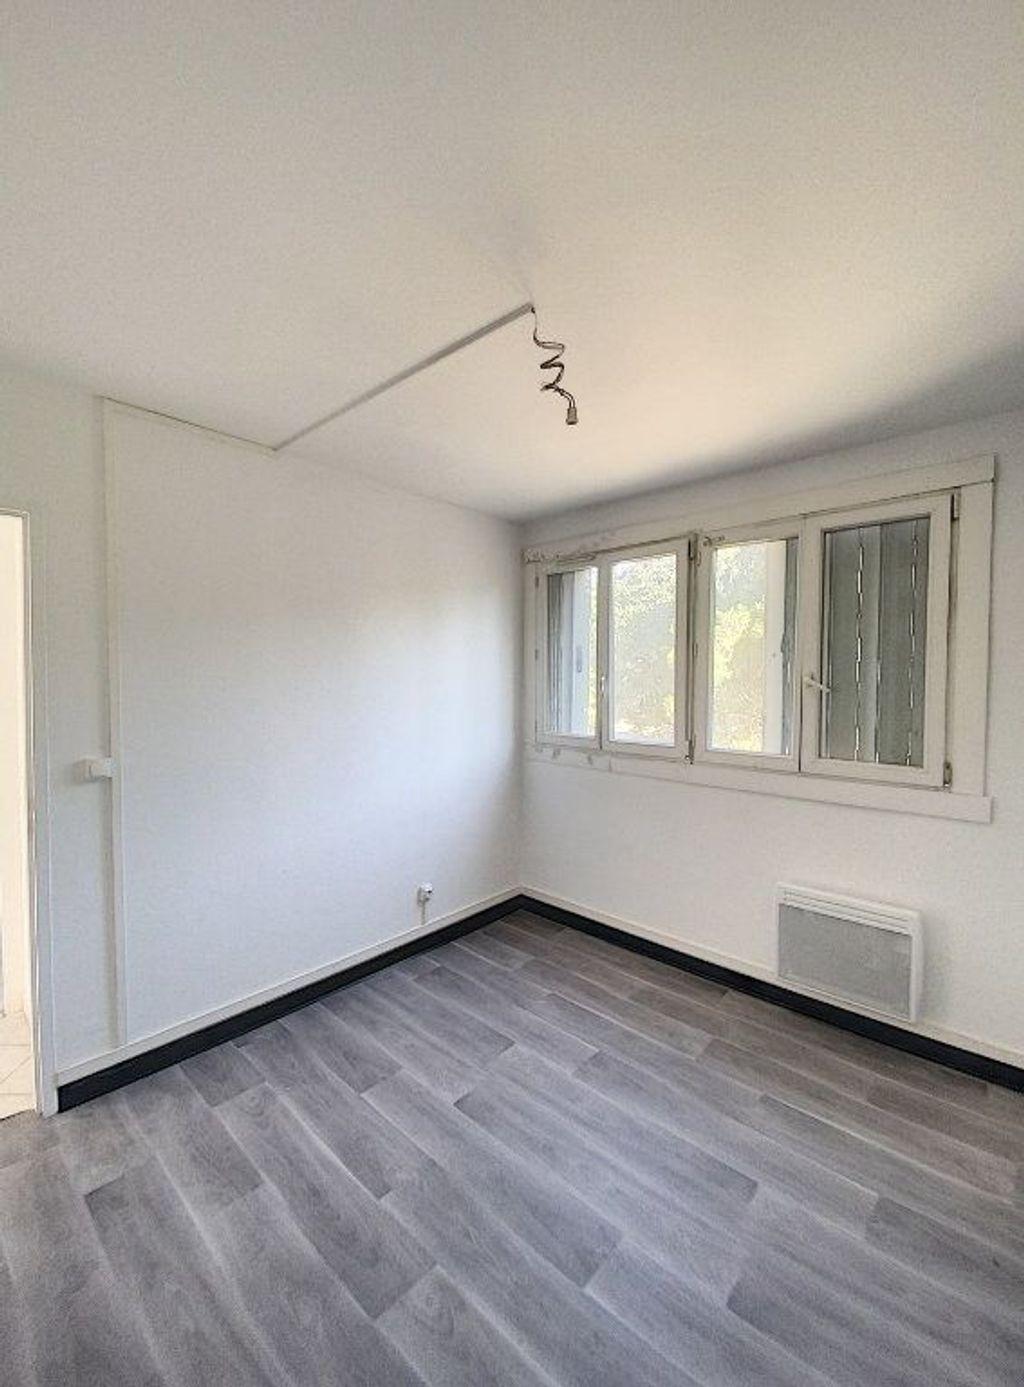 Achat appartement 4pièces 77m² - Marseille 14ème arrondissement